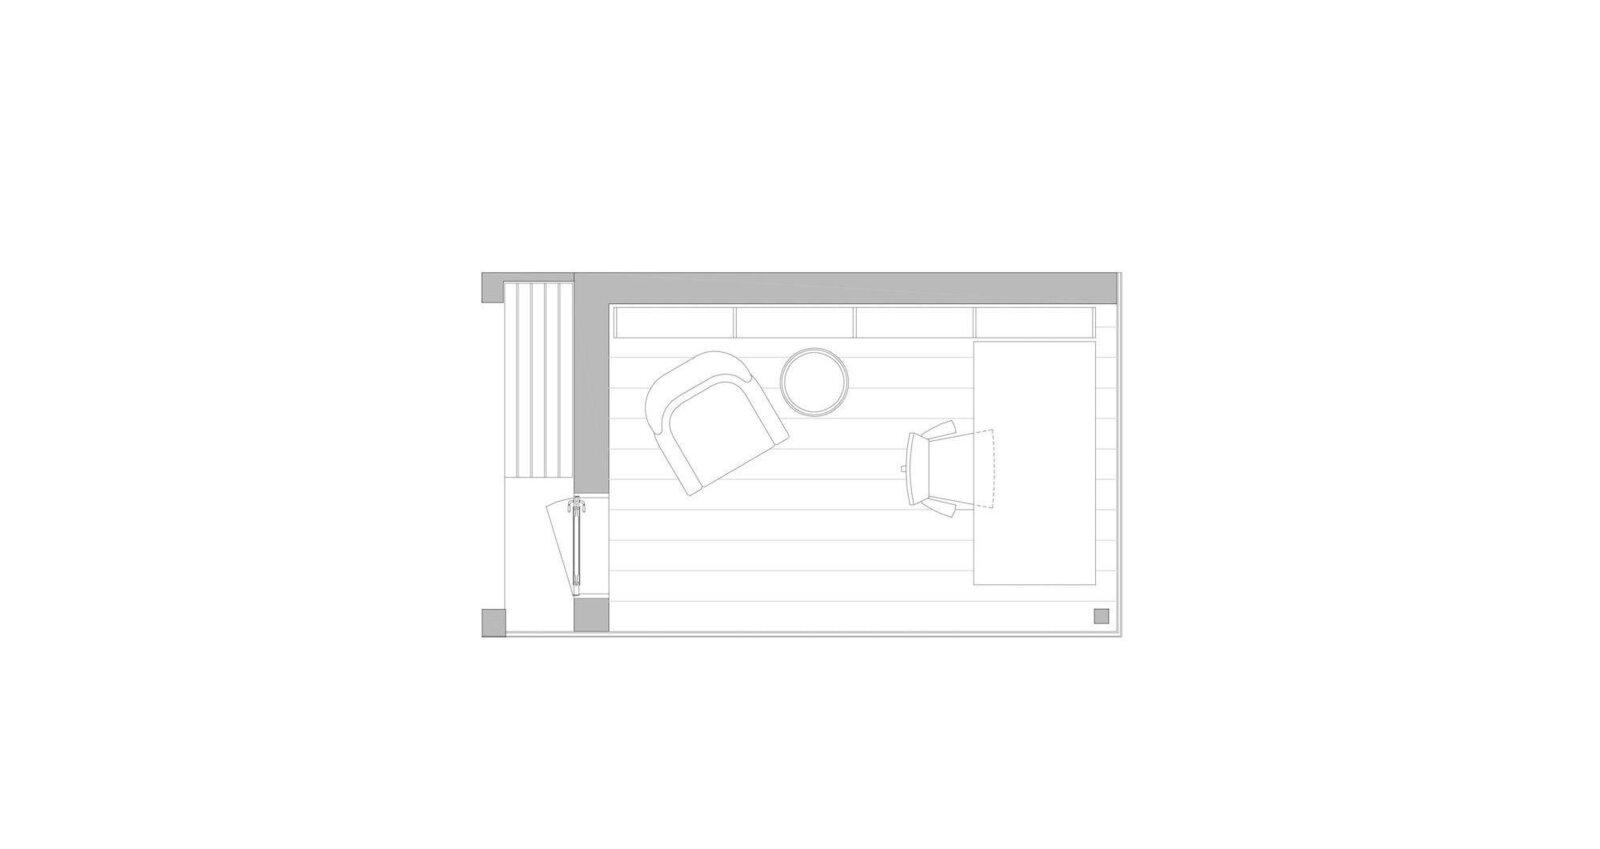 ÖÖD House Office in a Box floor plan